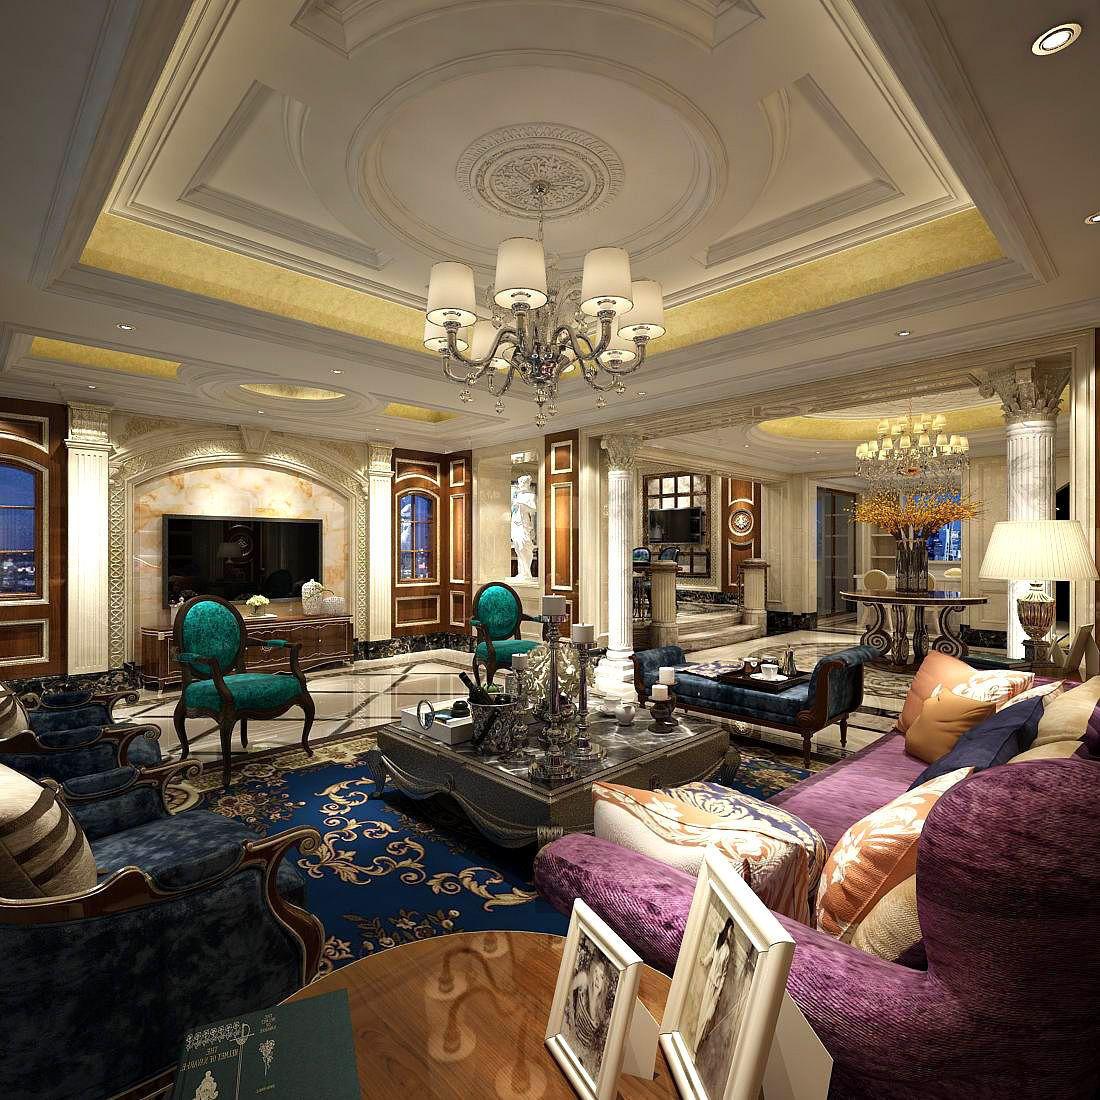 Deckengestaltung für die wohnhalle europeanstyle living room design  d model in   elegantly